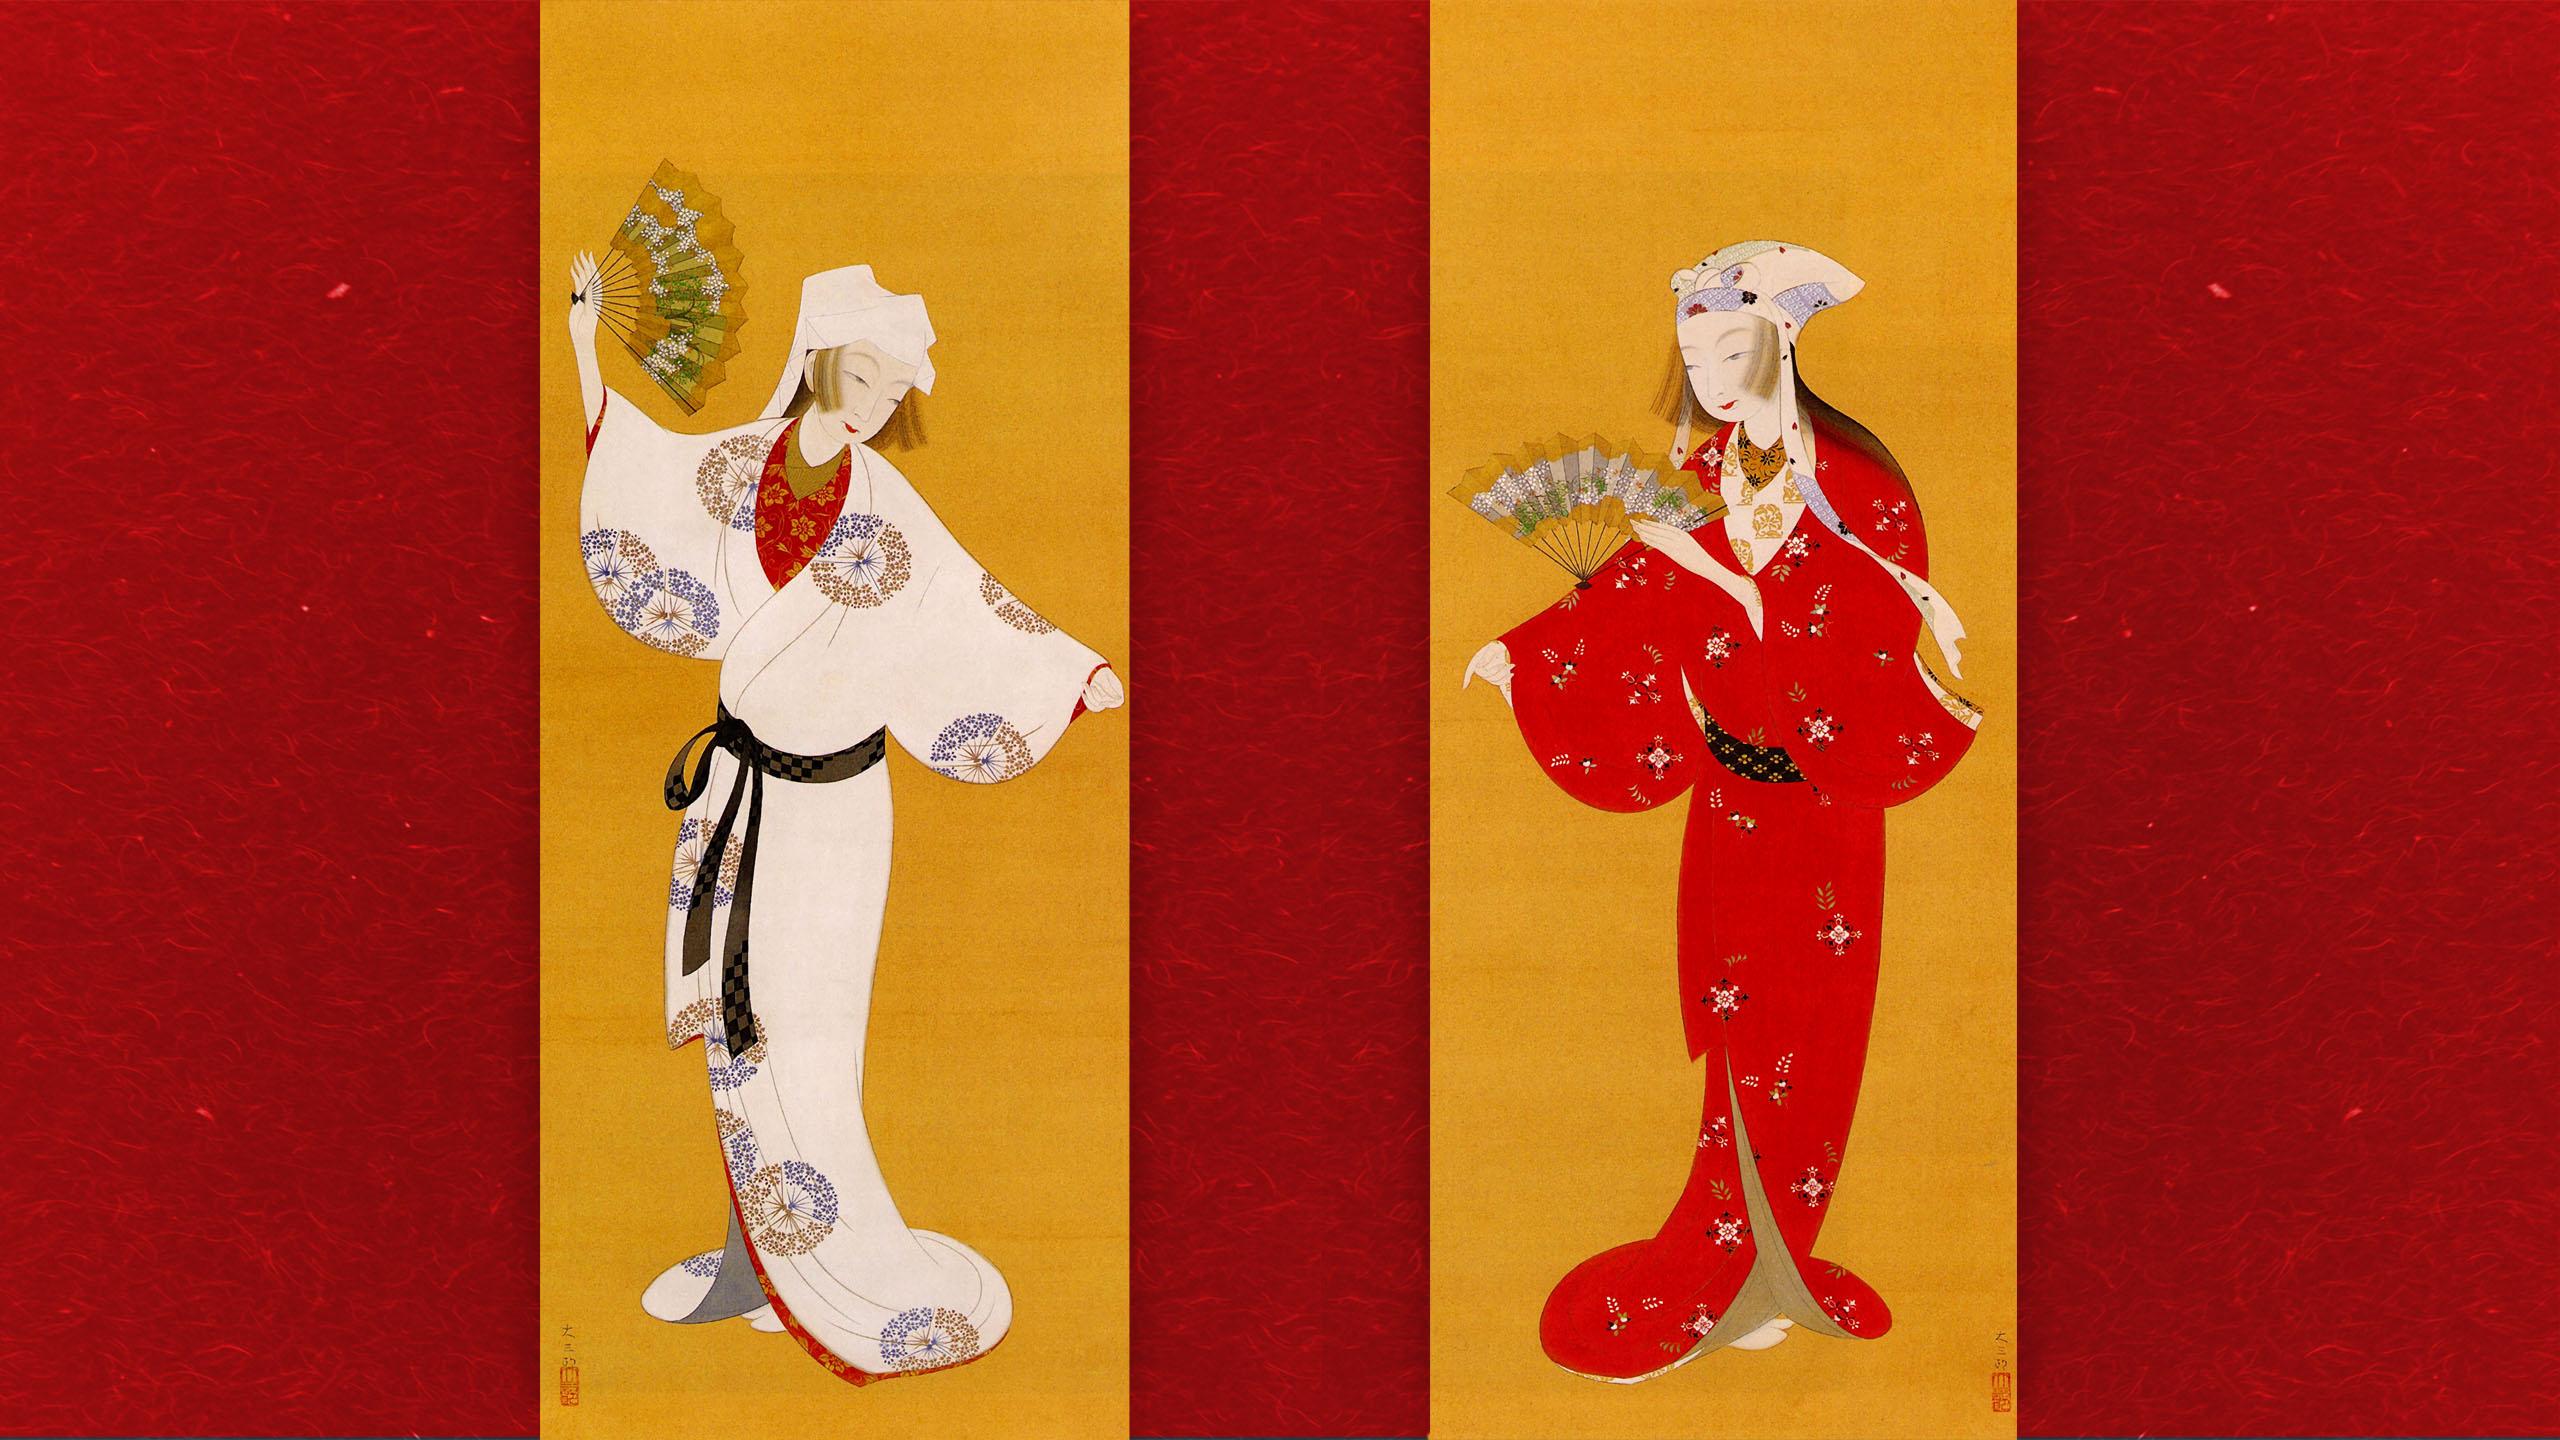 Nakamura Daizaburo - Futari maiko 2560x1440